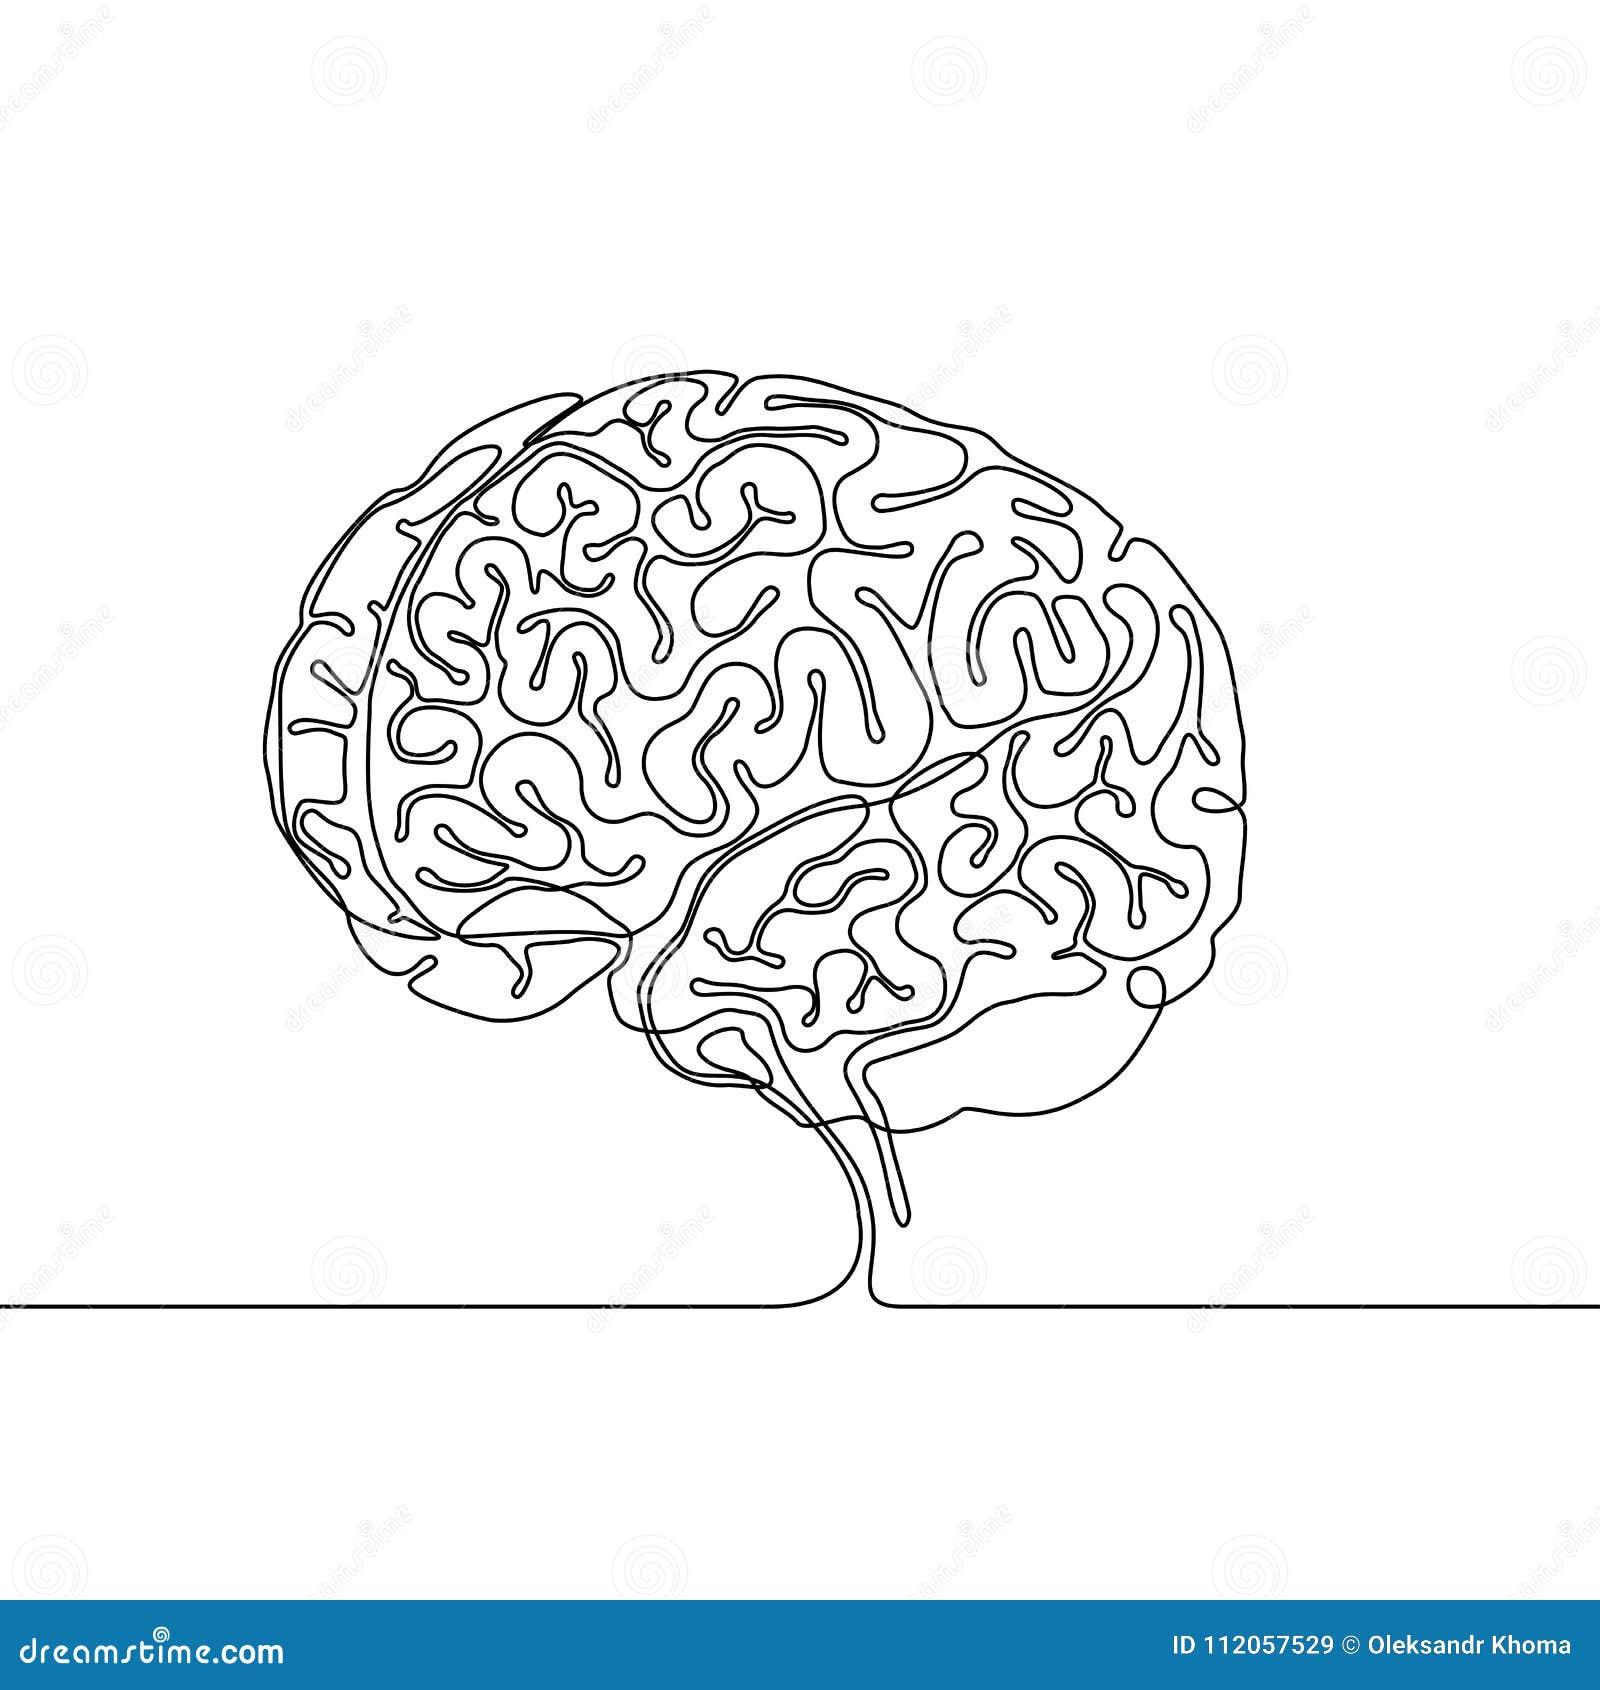 Непрерывная линия чертеж человеческого мозга с gyri и sulci